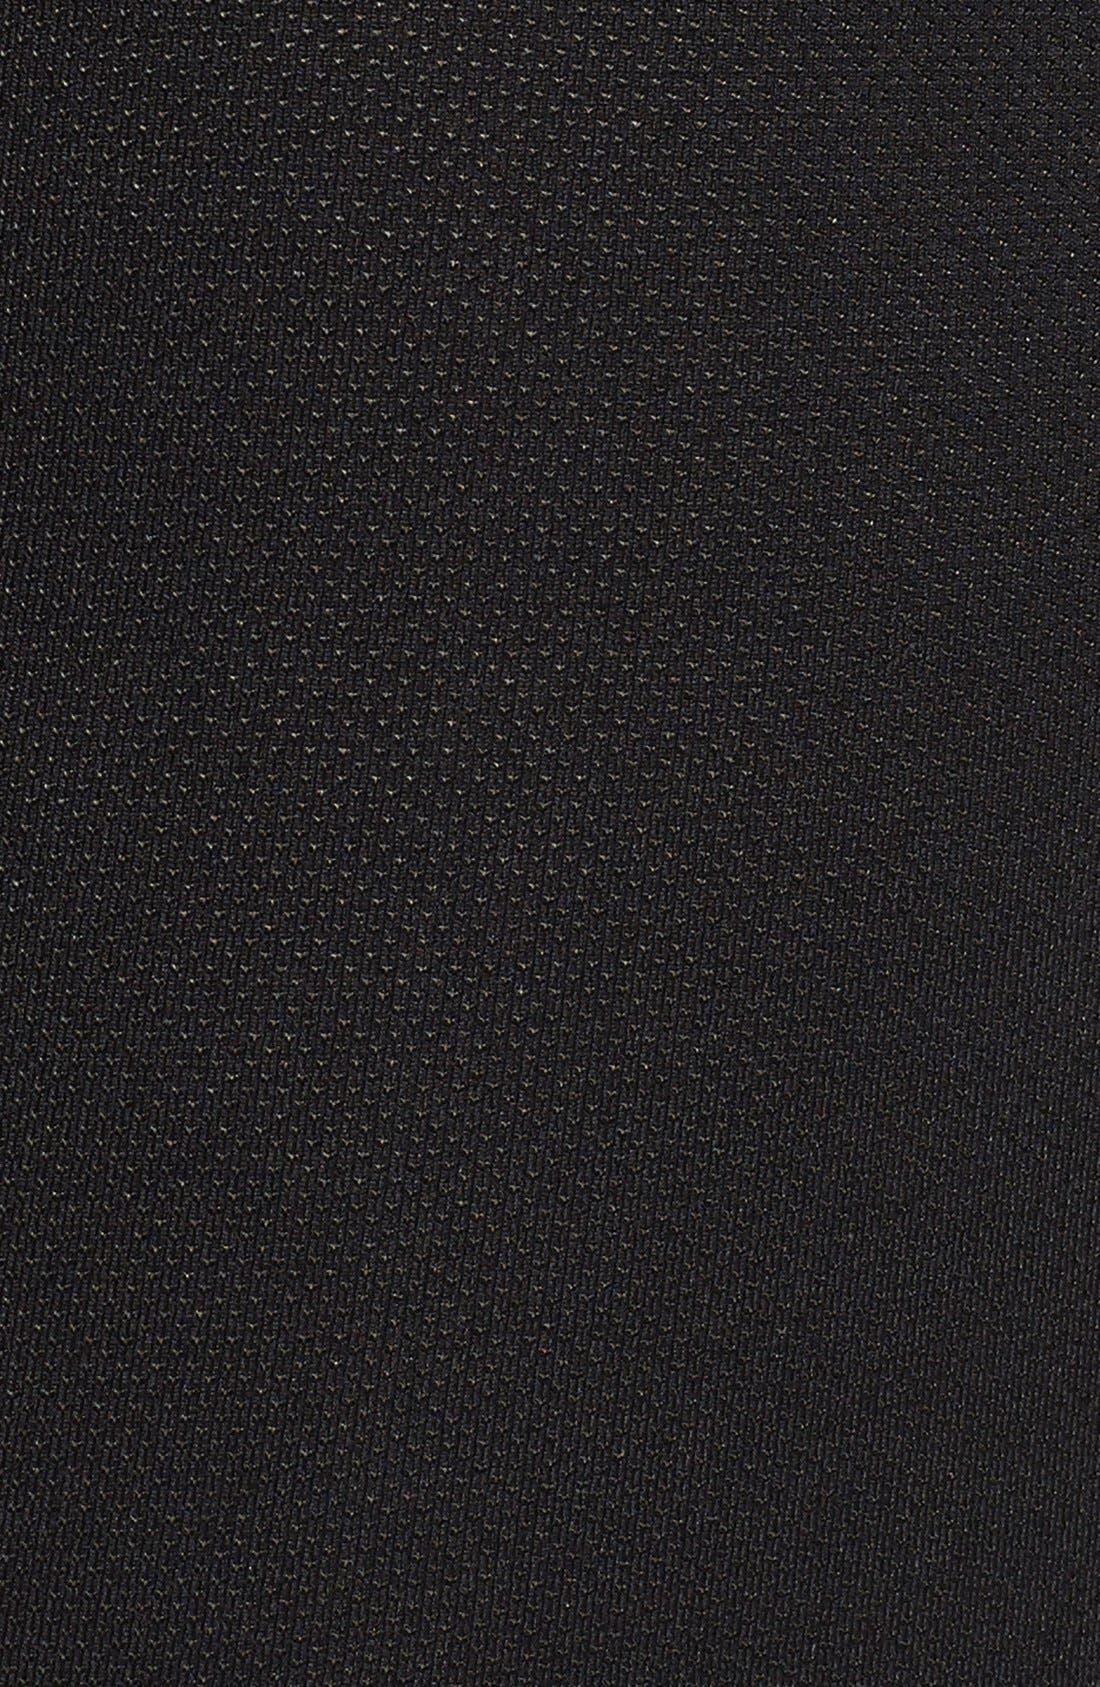 Air FX Low Rise Boxer Briefs,                             Alternate thumbnail 3, color,                             Black